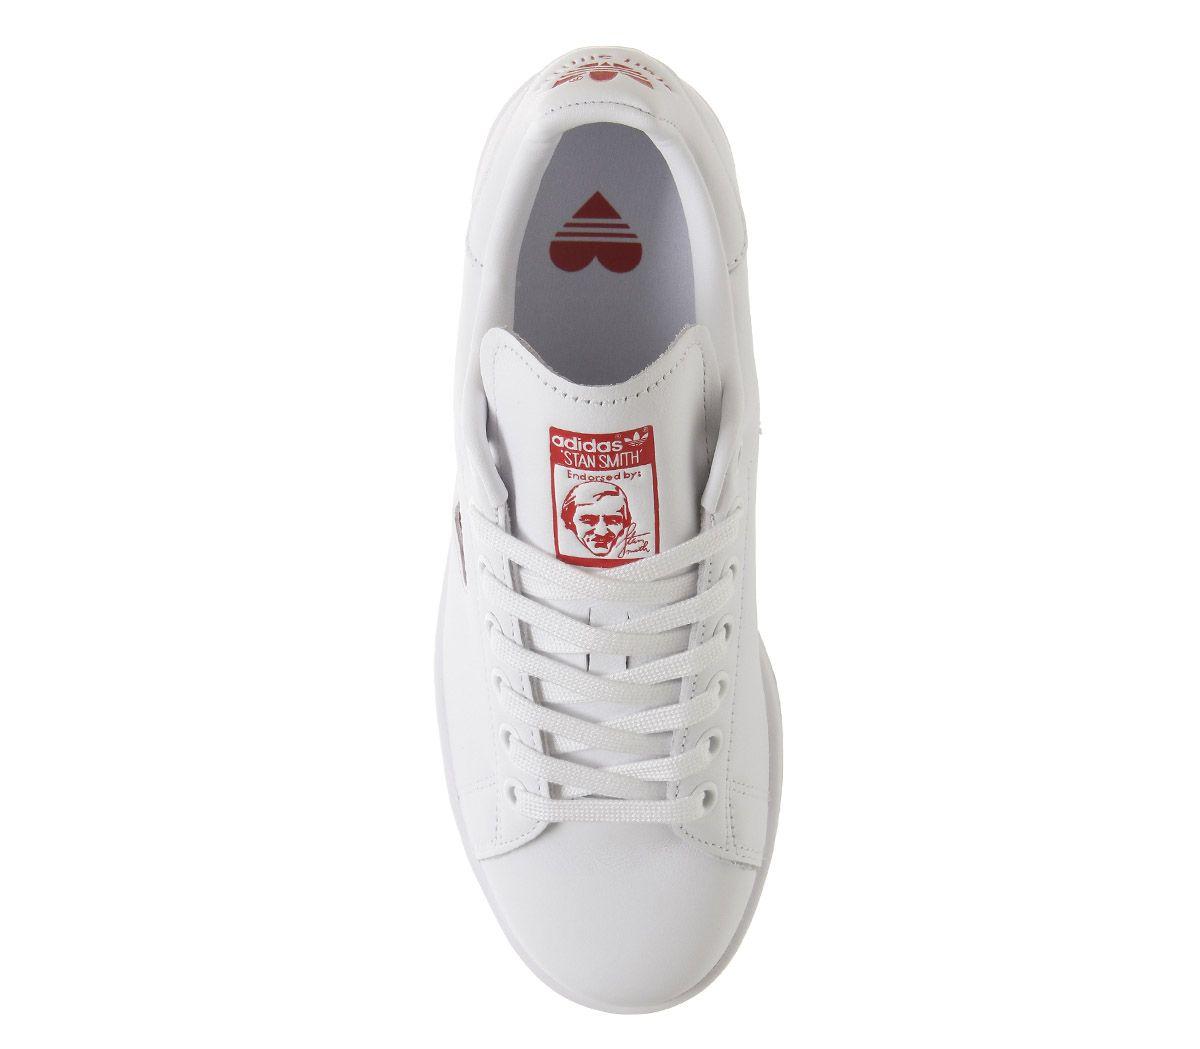 precios de remate Tener cuidado de invicto x Mujer adidas Stan Smith Zapatillas Blancas Corazón Rojo Zapatillas  Deportivas | eBay